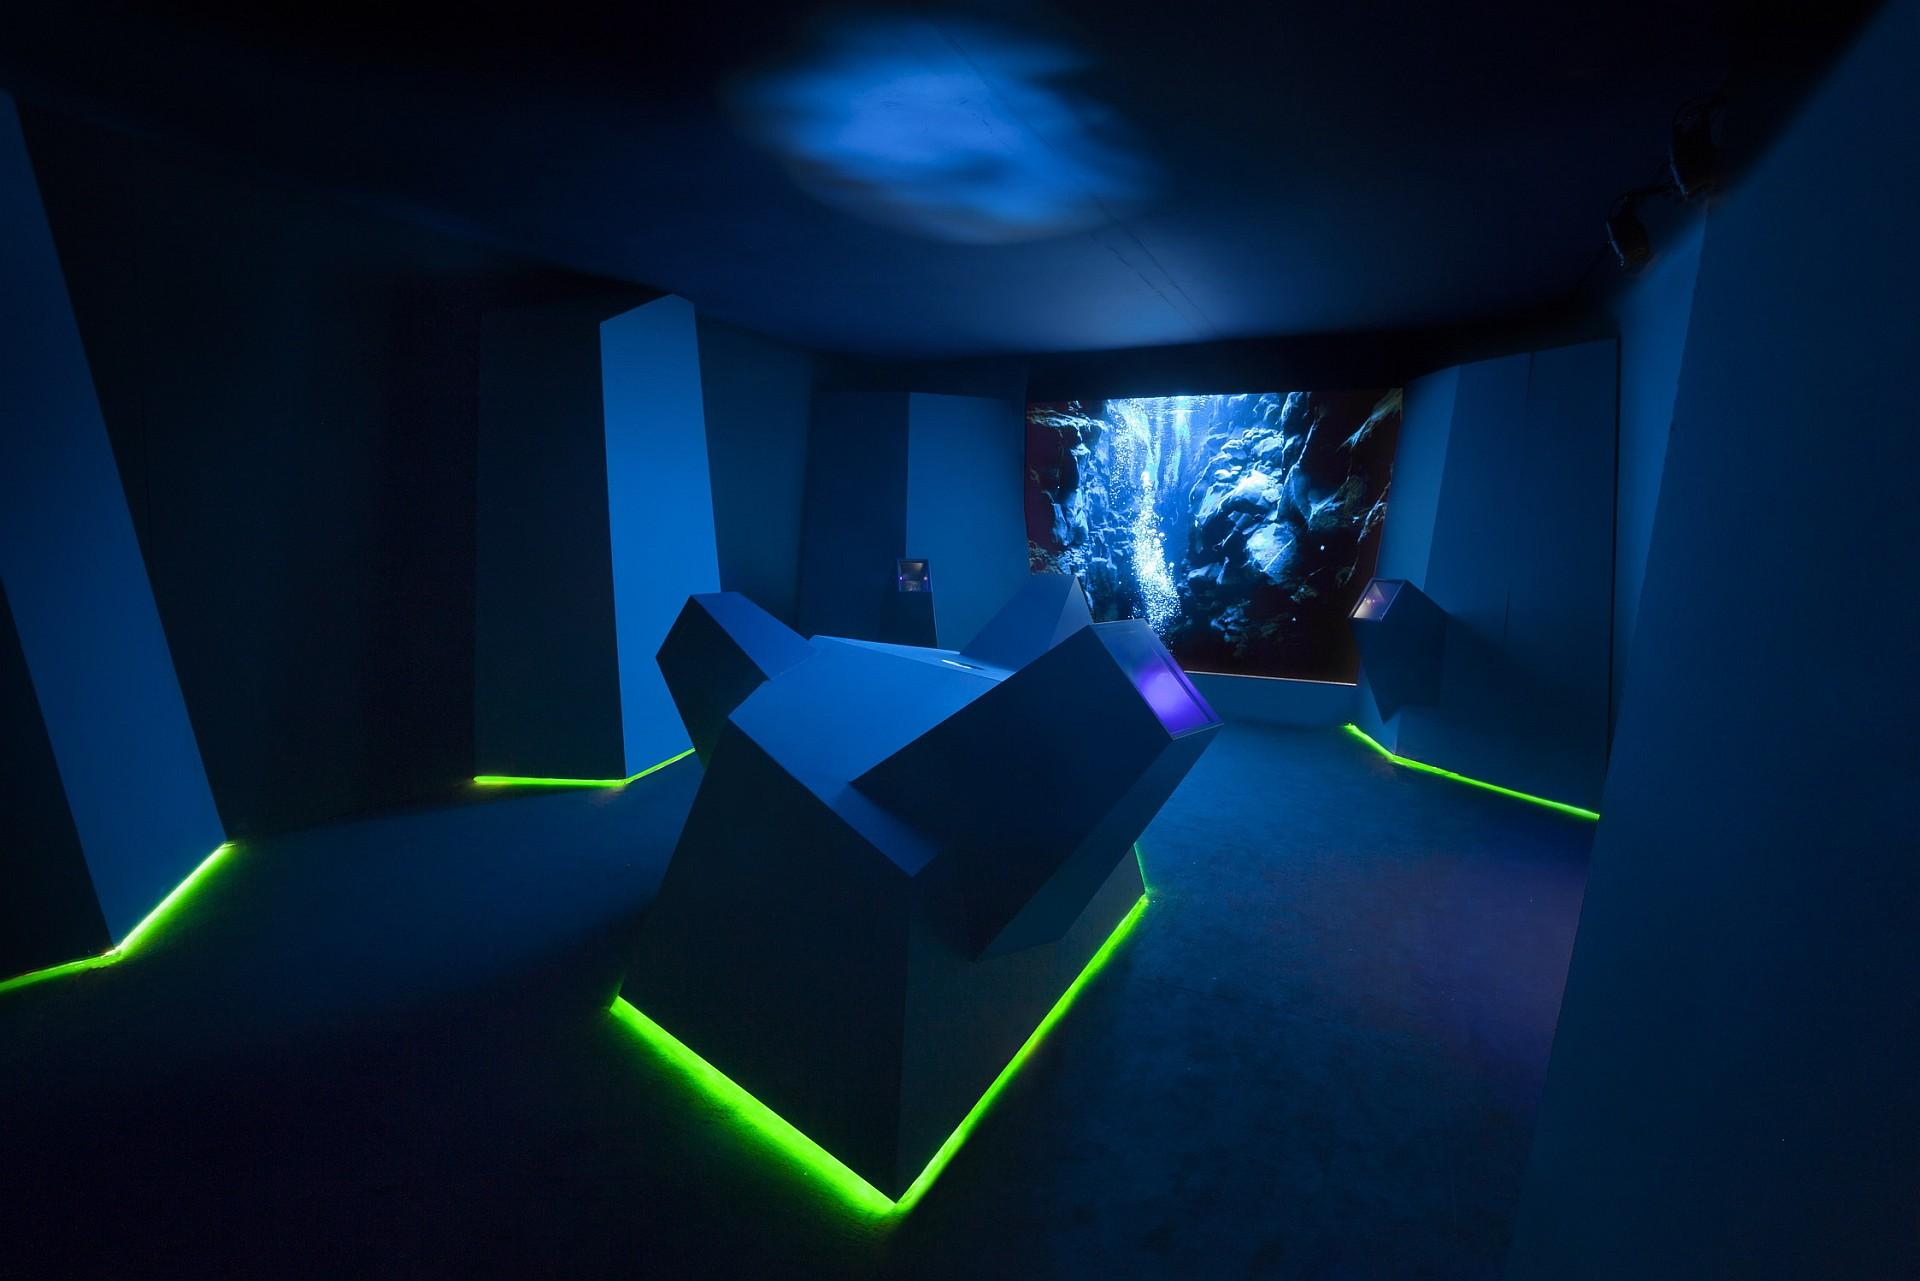 沛納海頌揚對海洋和創新的熱愛,於第57屆米蘭設計週「Light in the Darkness」展覽中展出《Candela》(燭光)